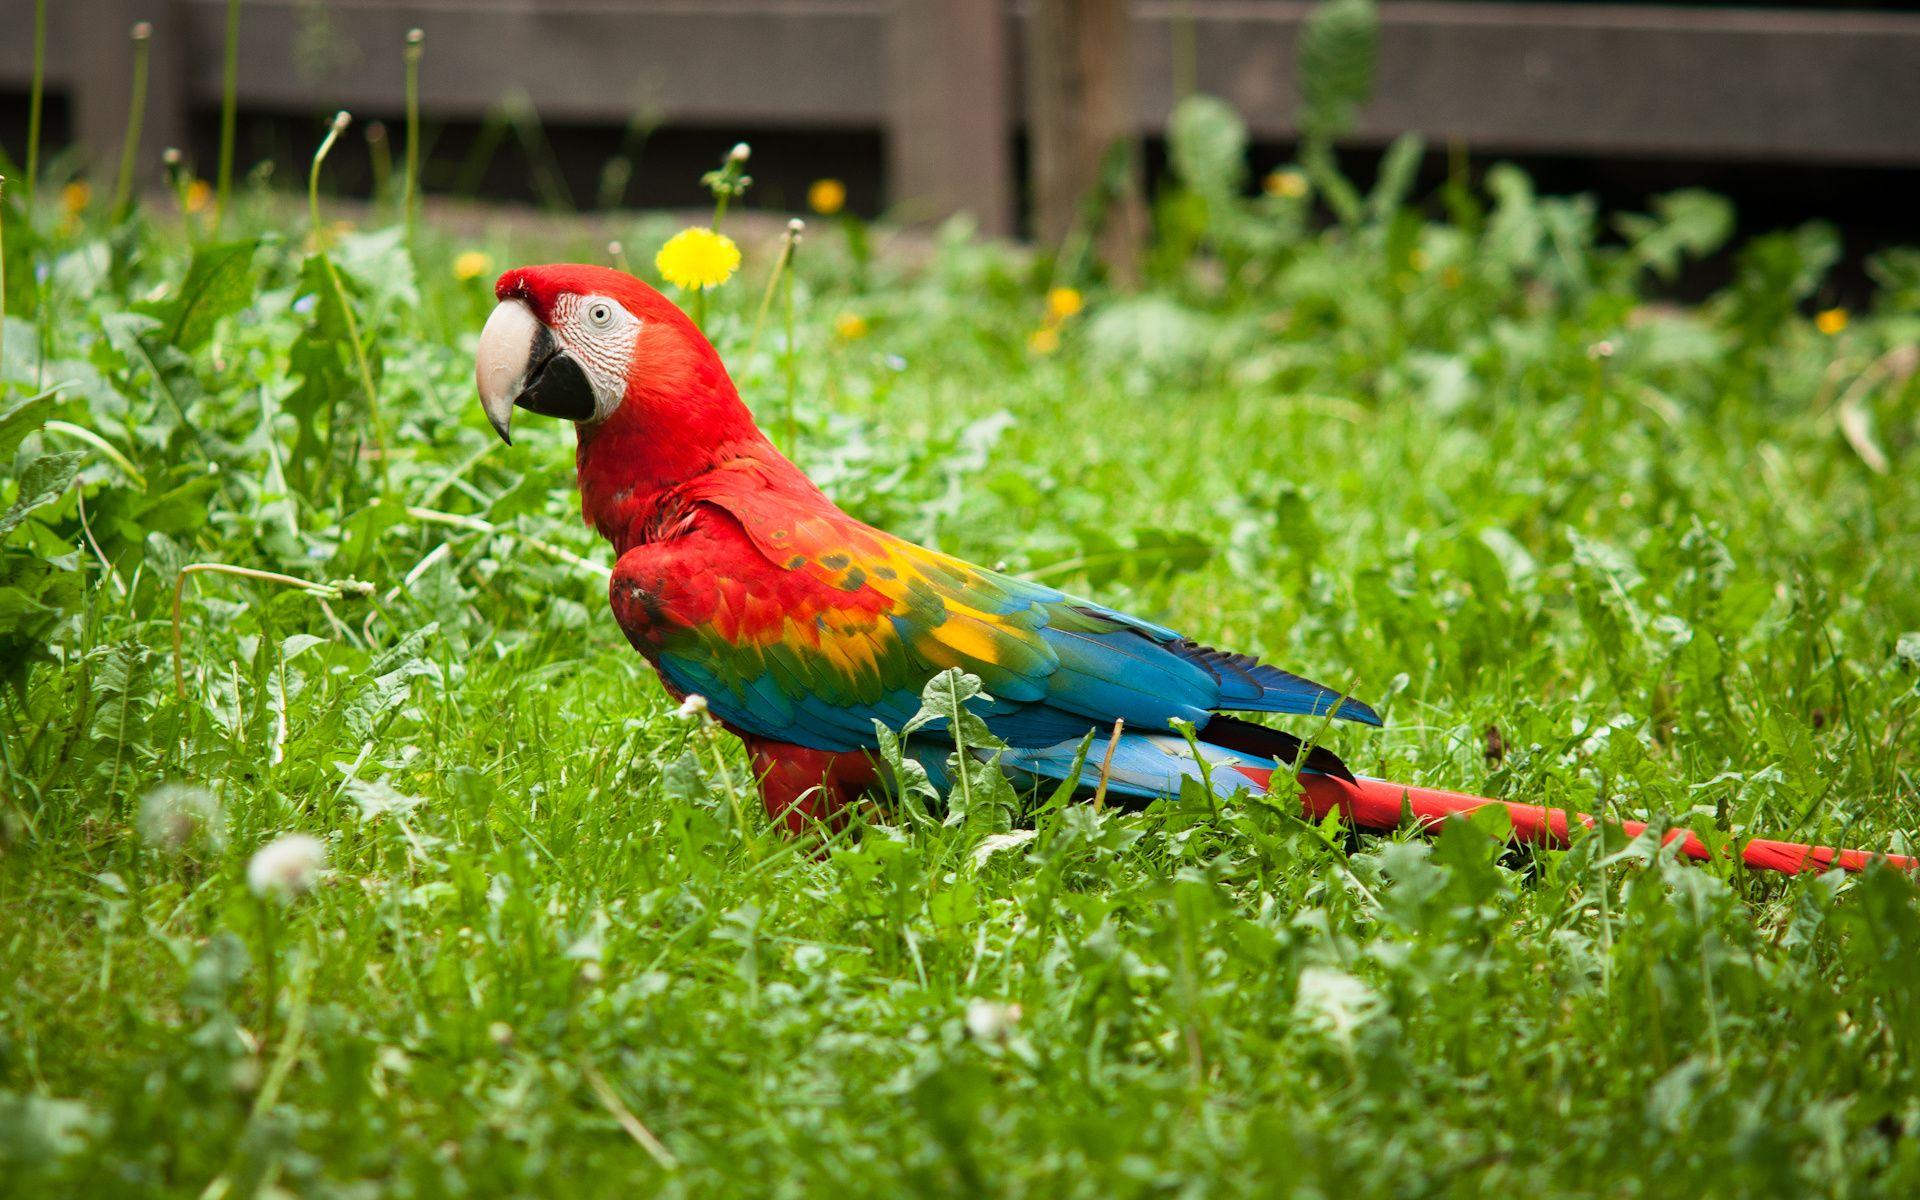 Parrots hd wallpapers precious souls pinterest background hd parrots hd wallpapers voltagebd Images